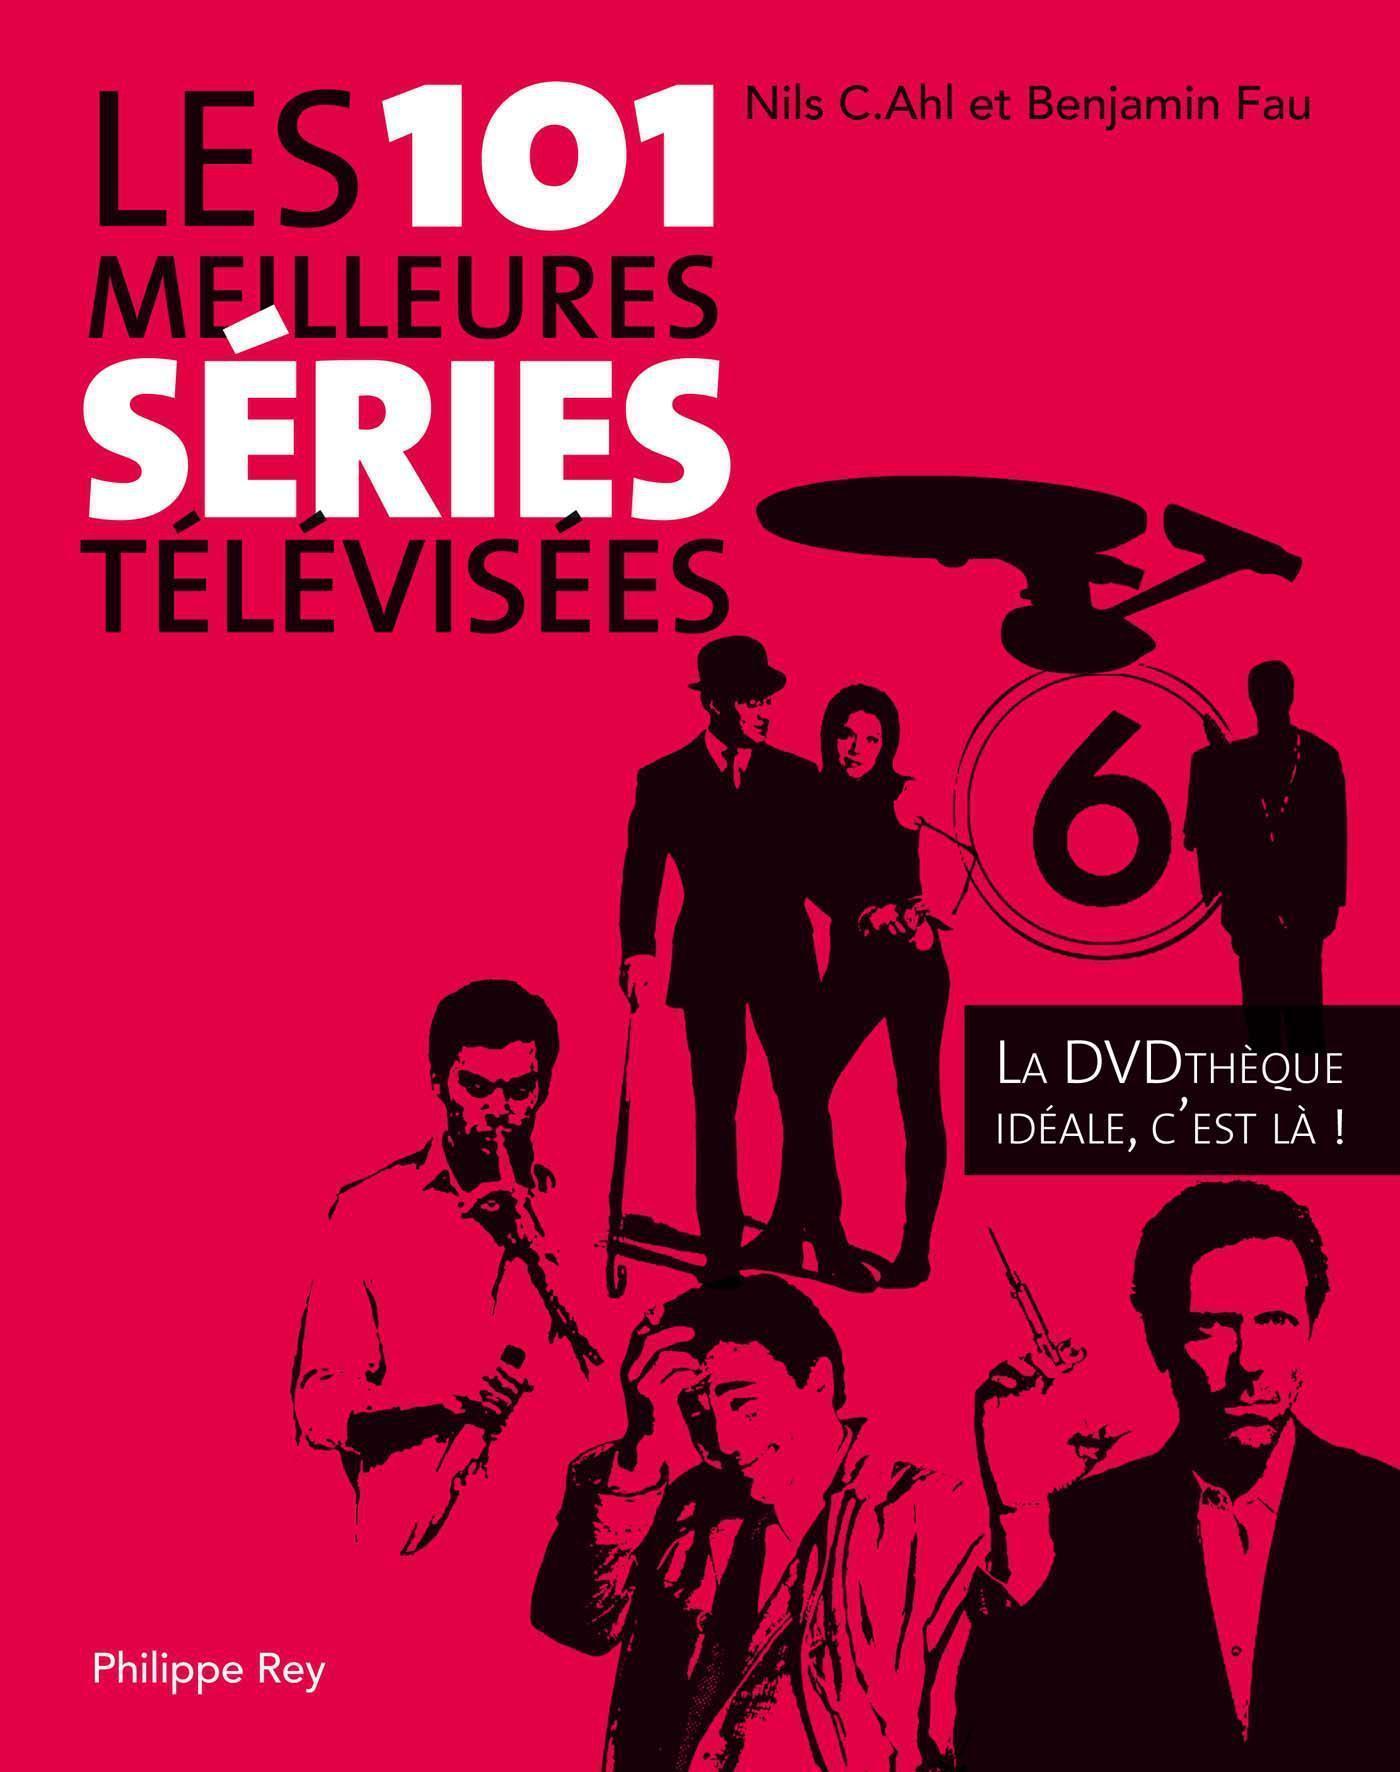 Les 101 meilleures séries télévisées. La DVD Thèque idéale, c'est là !